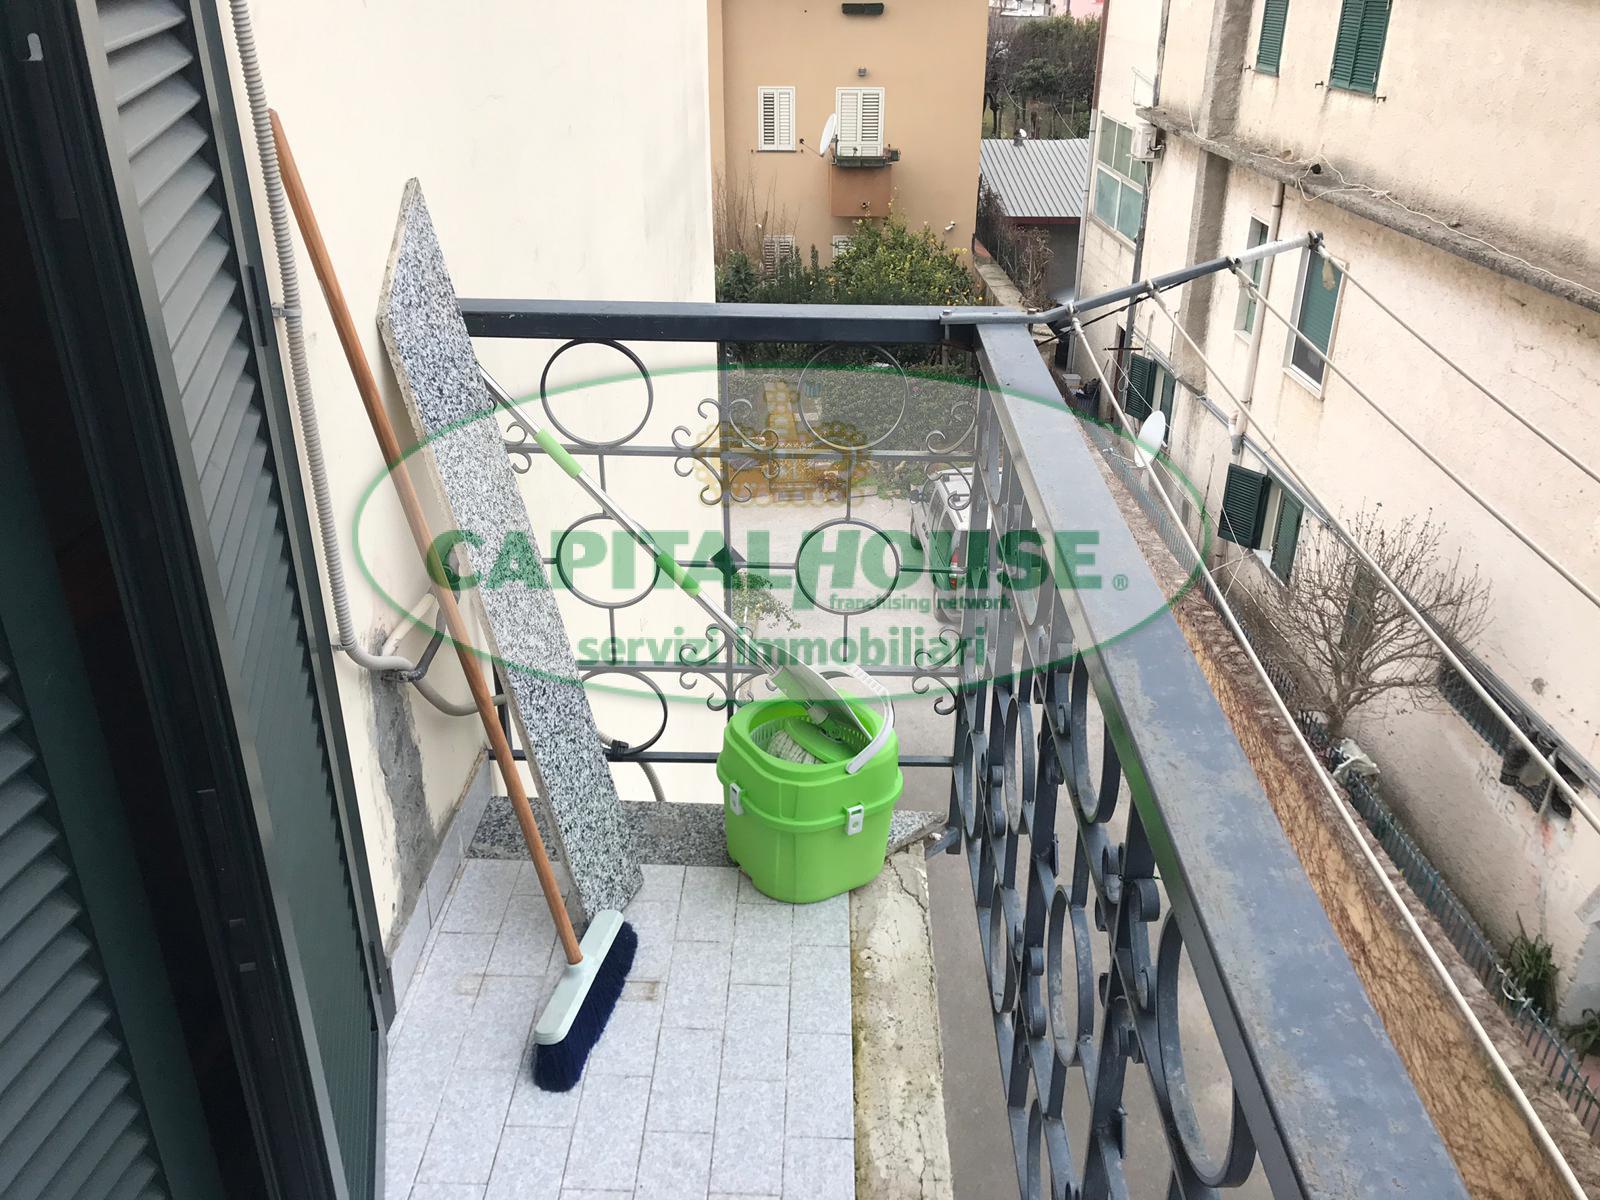 320gs appartamento in affitto a caserta falciano for Affitto caserta arredato